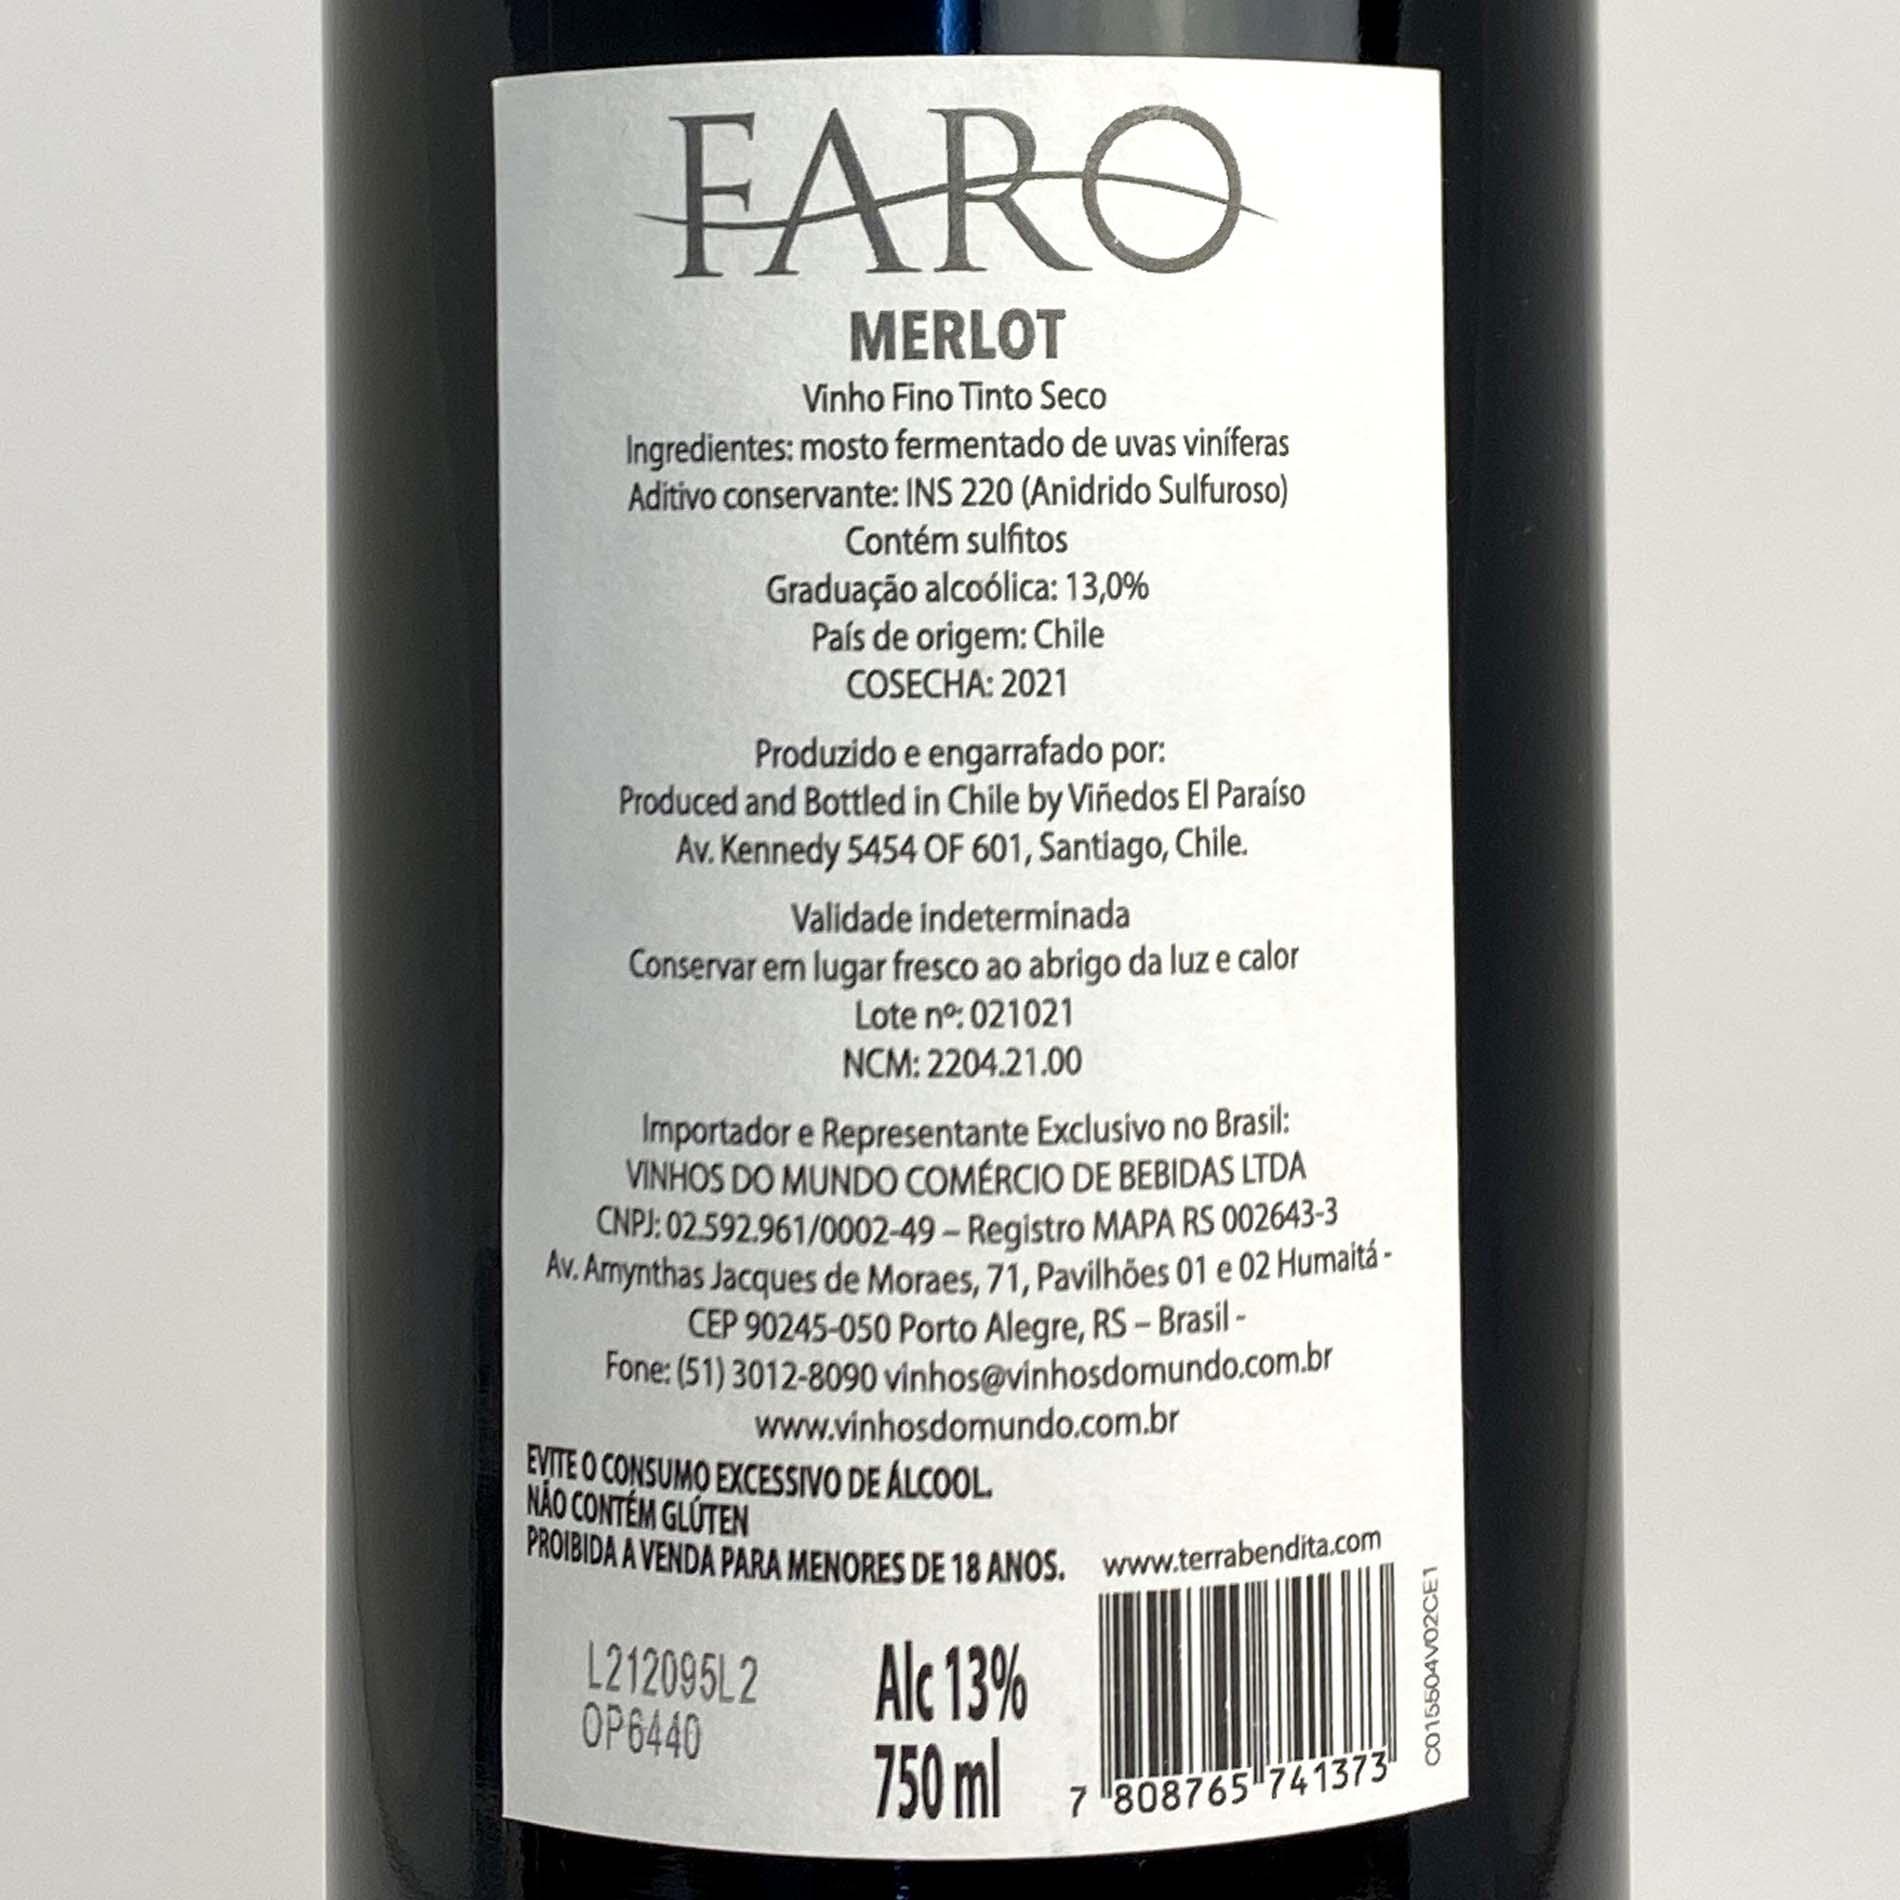 Faro Merlot (Chileno)  - Vinerize